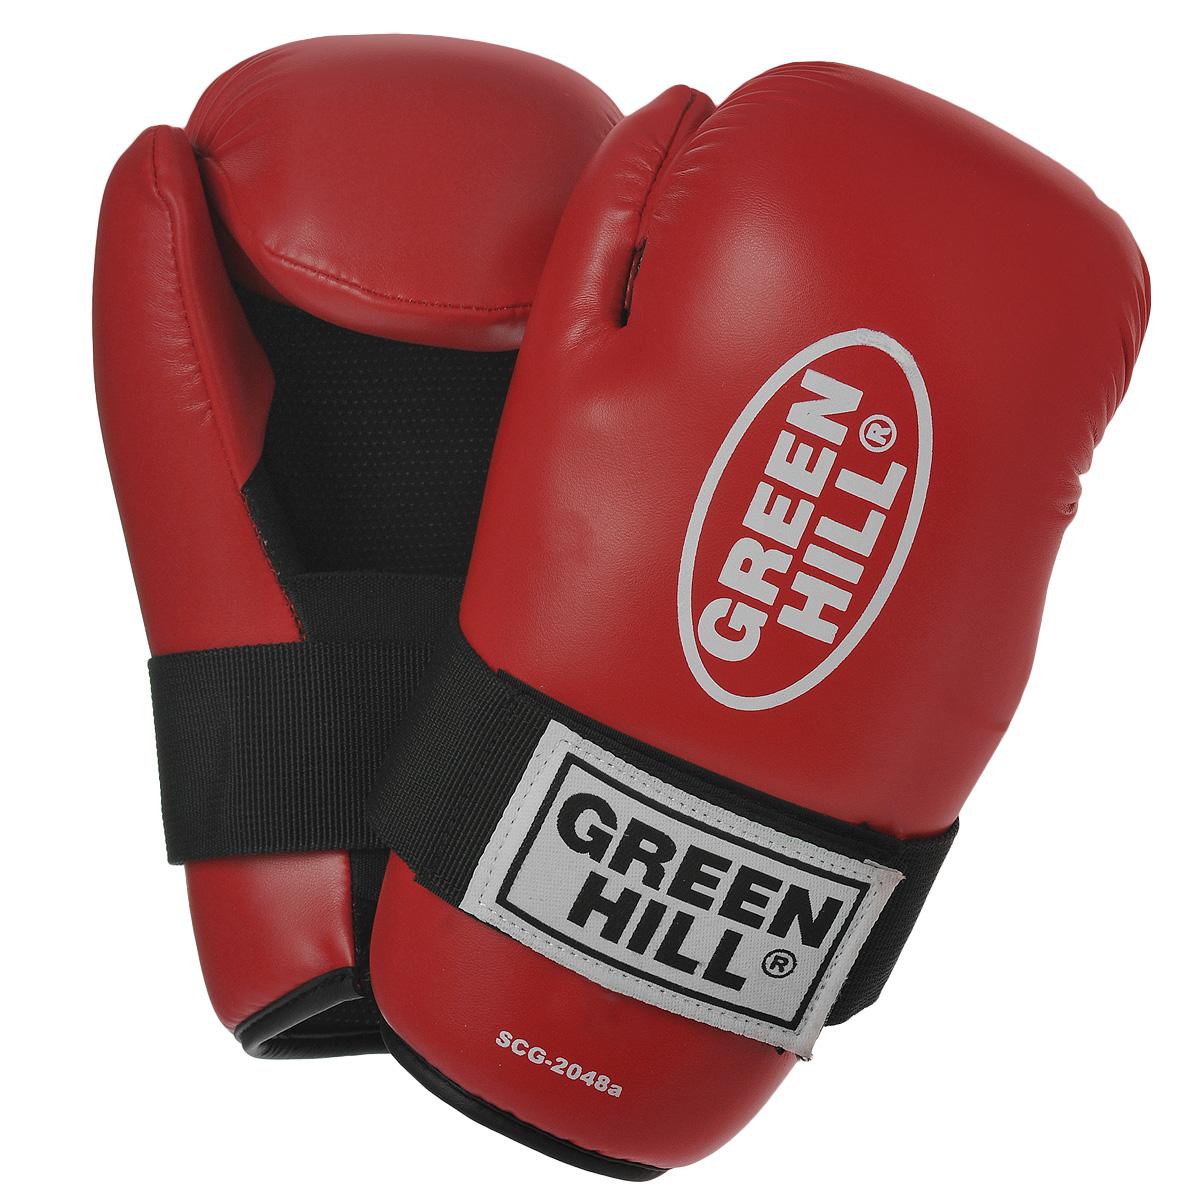 Перчатки для контактных единоборств Green Hill 7-contact, цвет: красный. Размер SBGC-2040bНакладки Green Hill 7-contact для контактных видов единоборств семиконтакт. Идеально подходят для обучения, спаррингов и соревнований. Перчатки выполнены из высококачественной. Широкий ремень, охватывая запястье, полностью оборачивается вокруг манжеты, благодаря чему создается дополнительная защита лучезапястного сустава от травмирования. Застежка на липучке способствует быстрому и удобному одеванию перчаток, плотно фиксирует перчатки на руке.